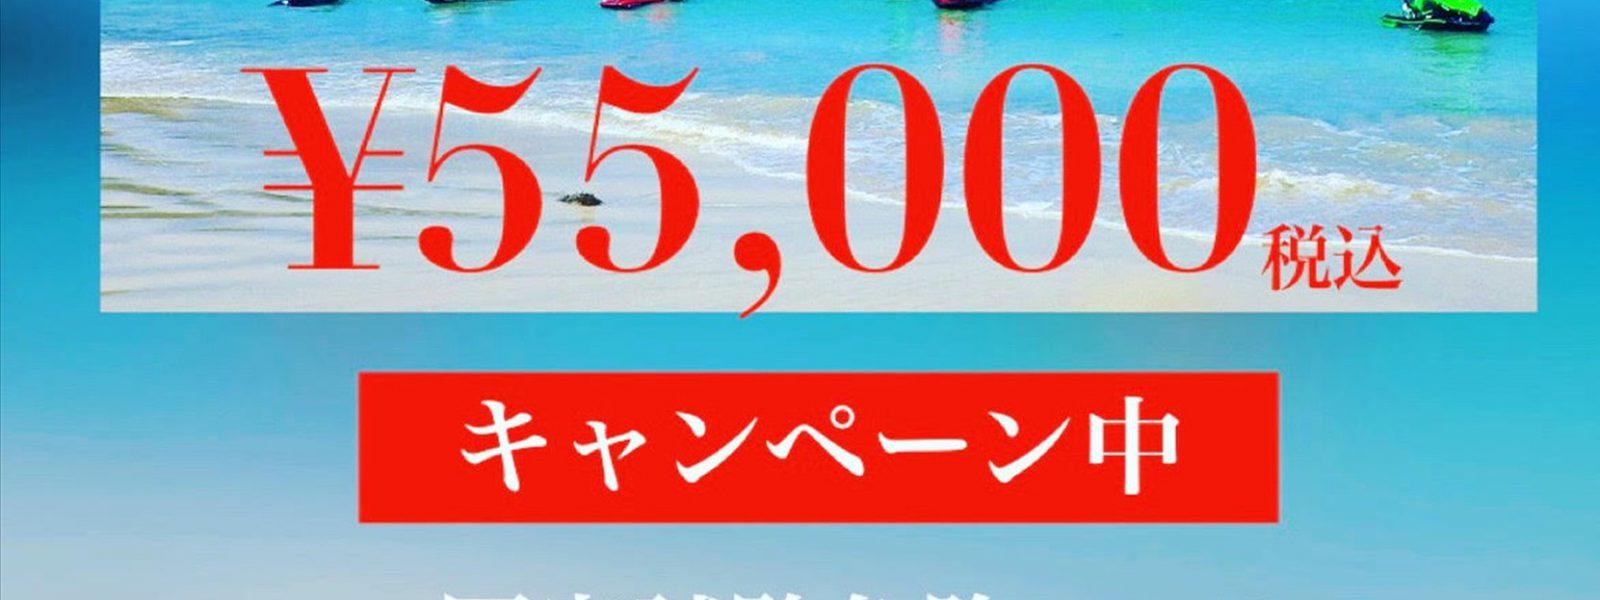 ジェットの免許取得、55,000円!国家試験免除コース受付中!